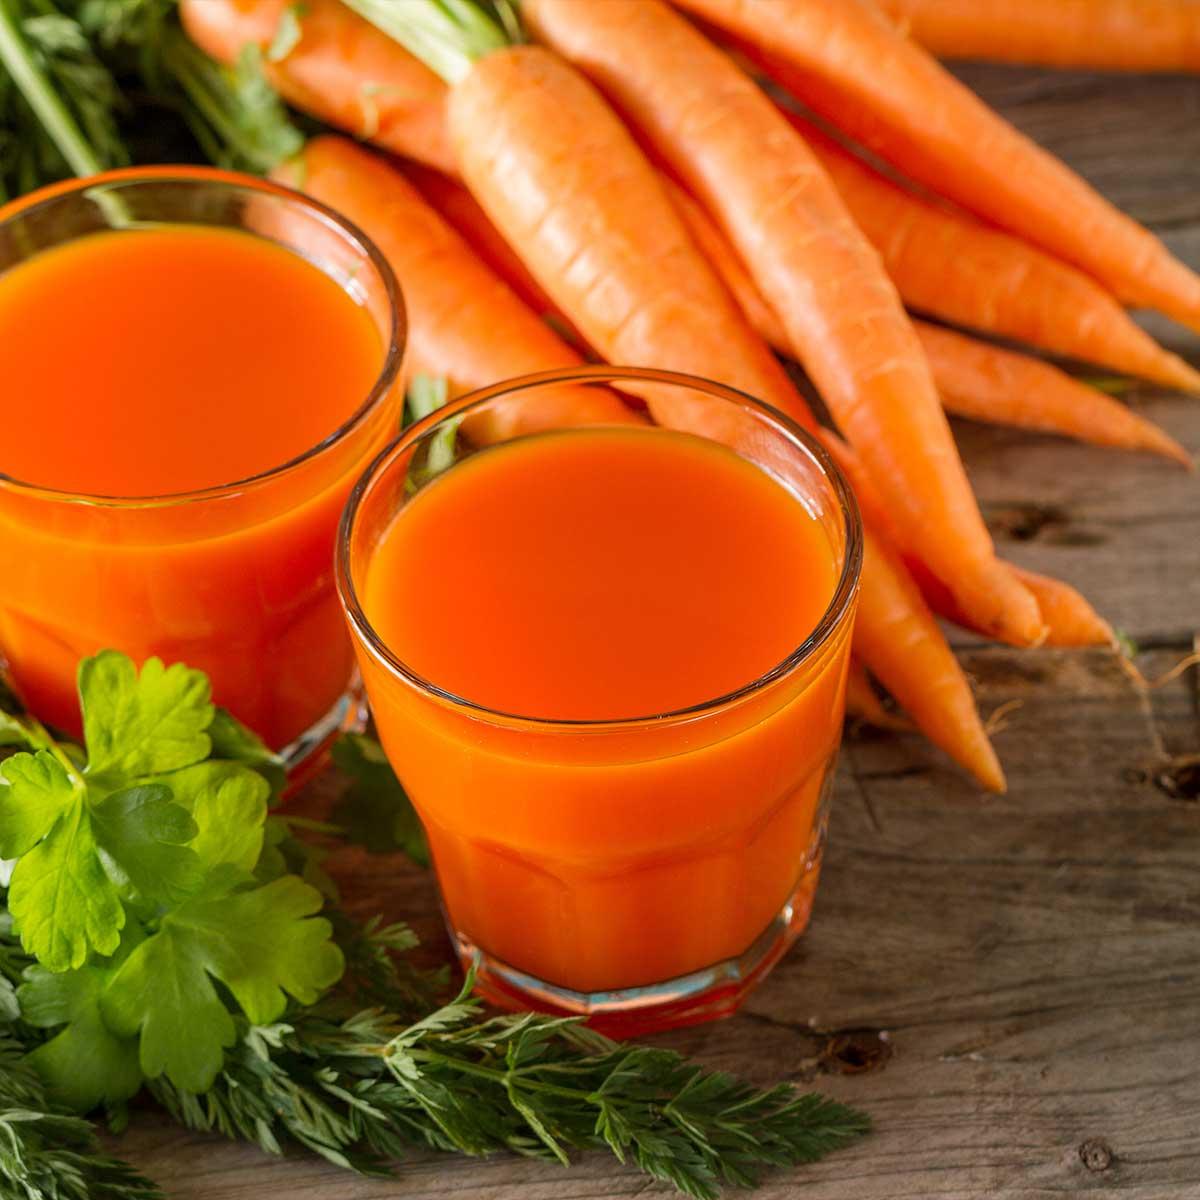 Свежи моркови и прясно изцеден сок